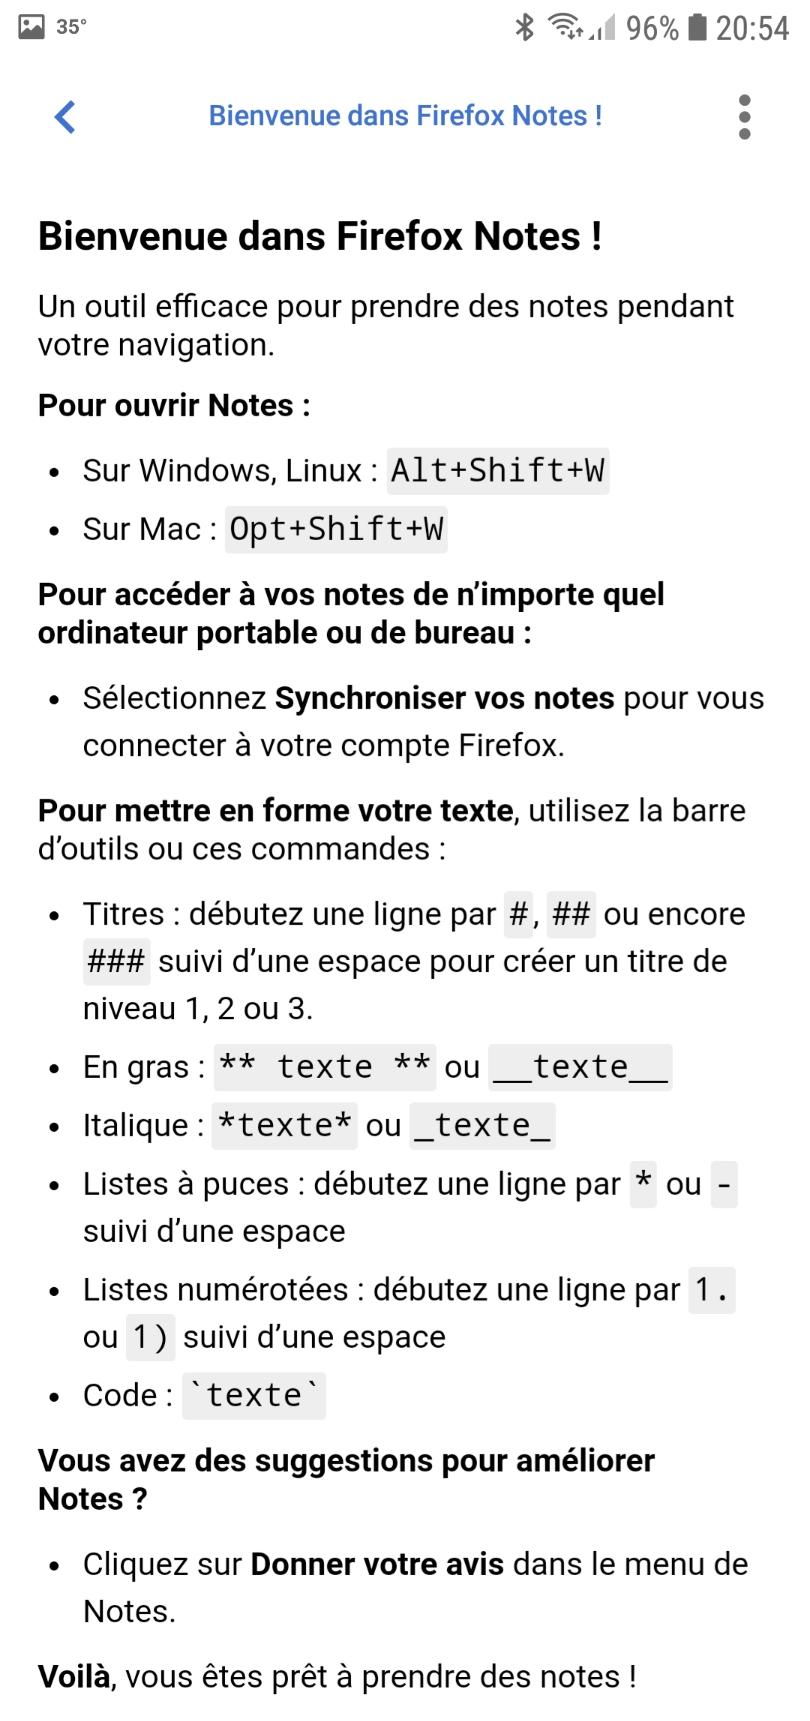 Firefox Test Pilot : note dans Android : Bienvenue dans Firefox Notes